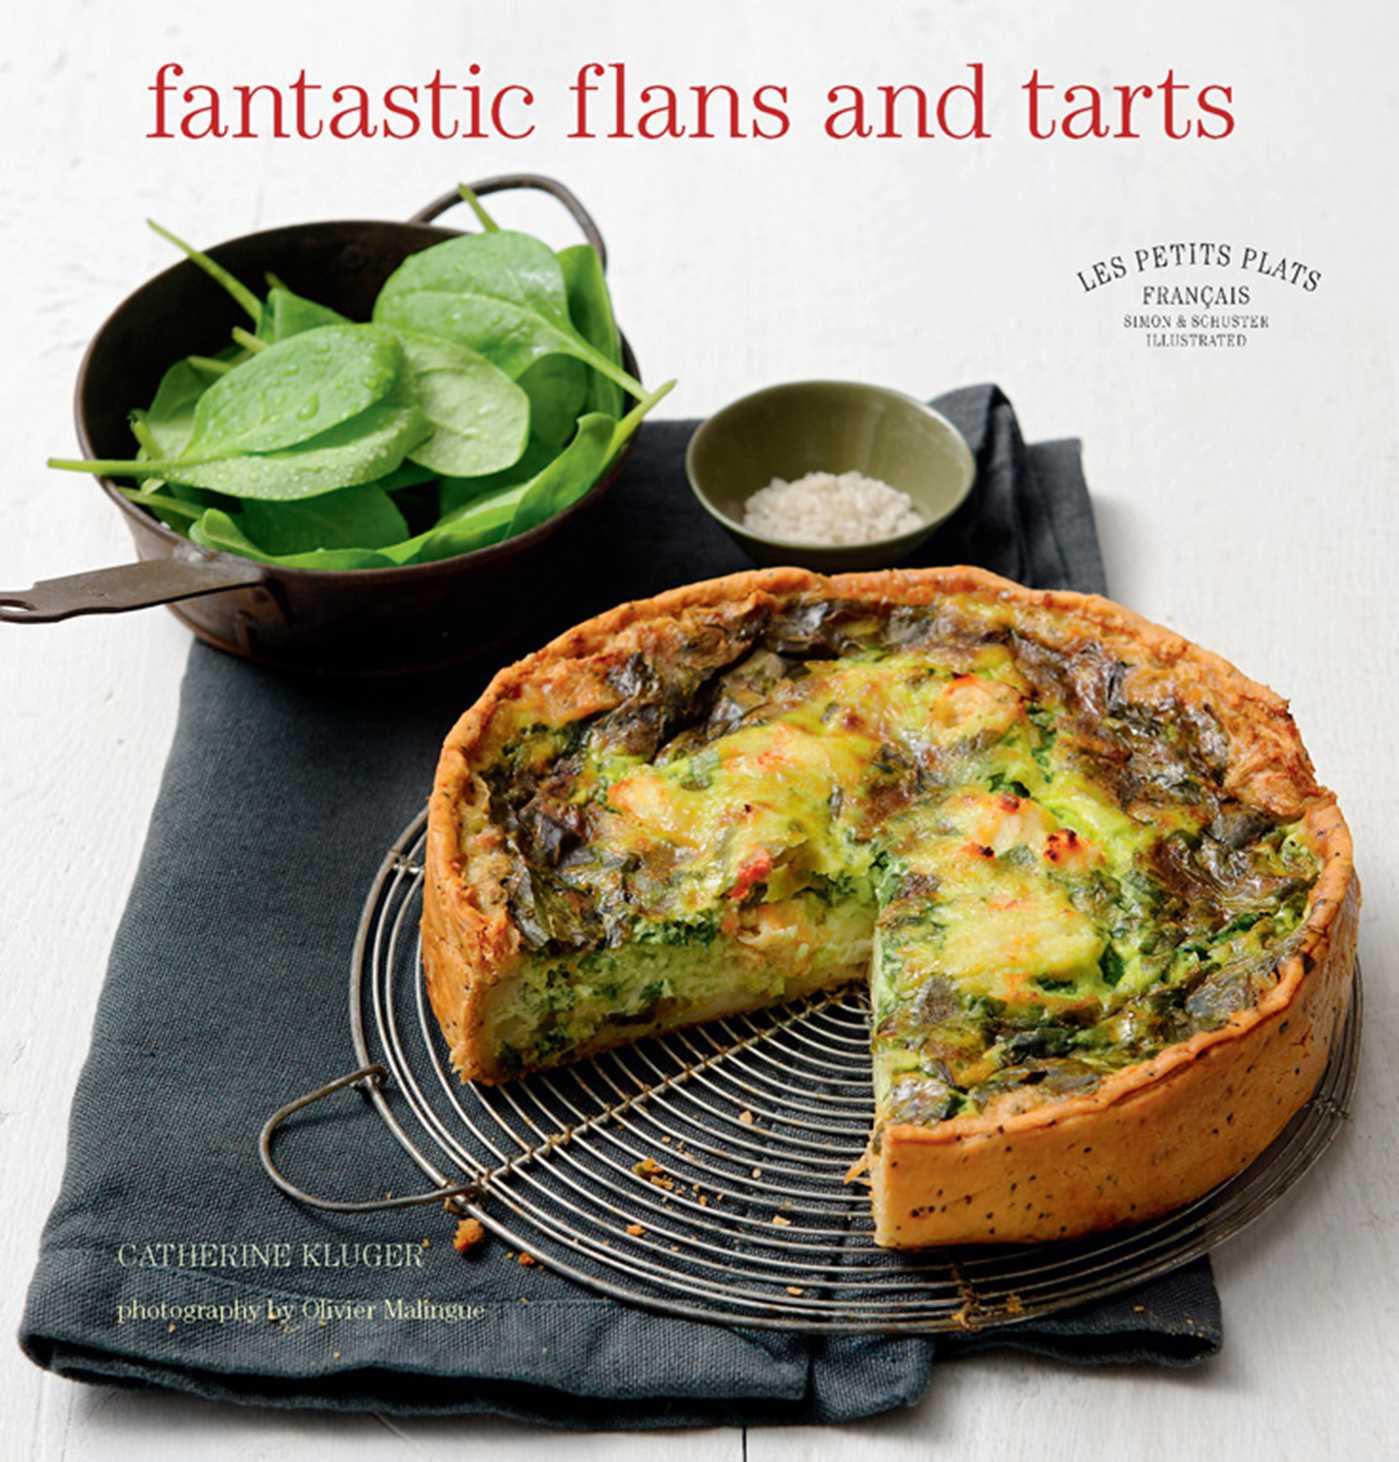 Les petits plats francais fantastic flans and tarts 9780857203588 hr